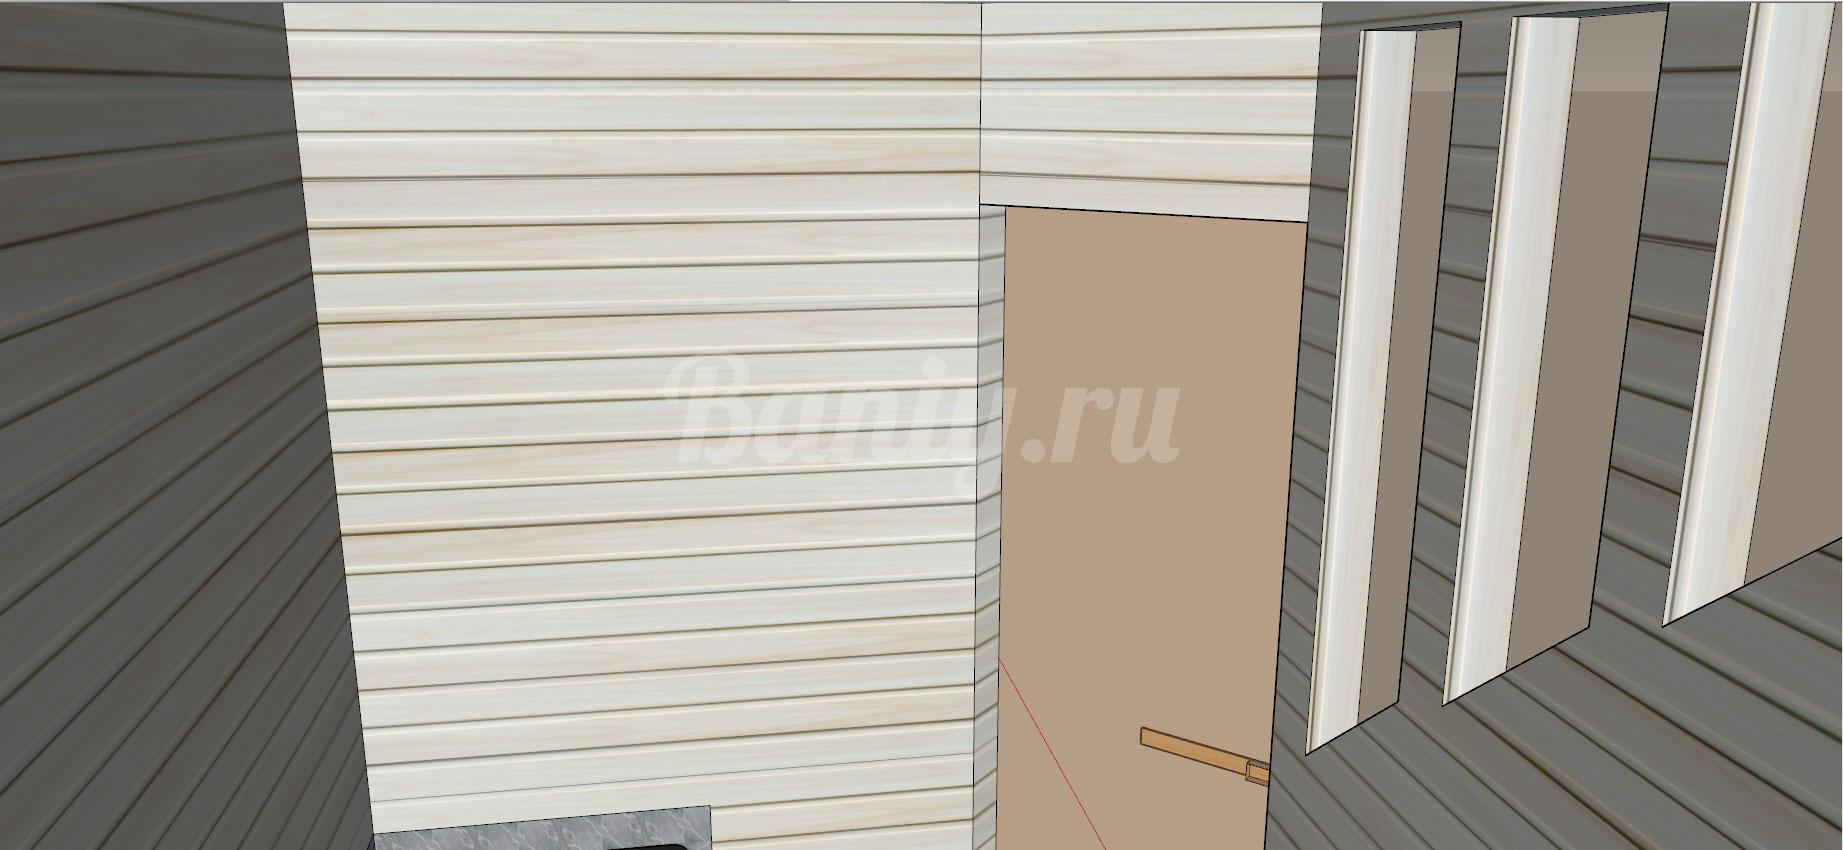 Проект сауны С-8 для частного дома или квартиры, фото 10